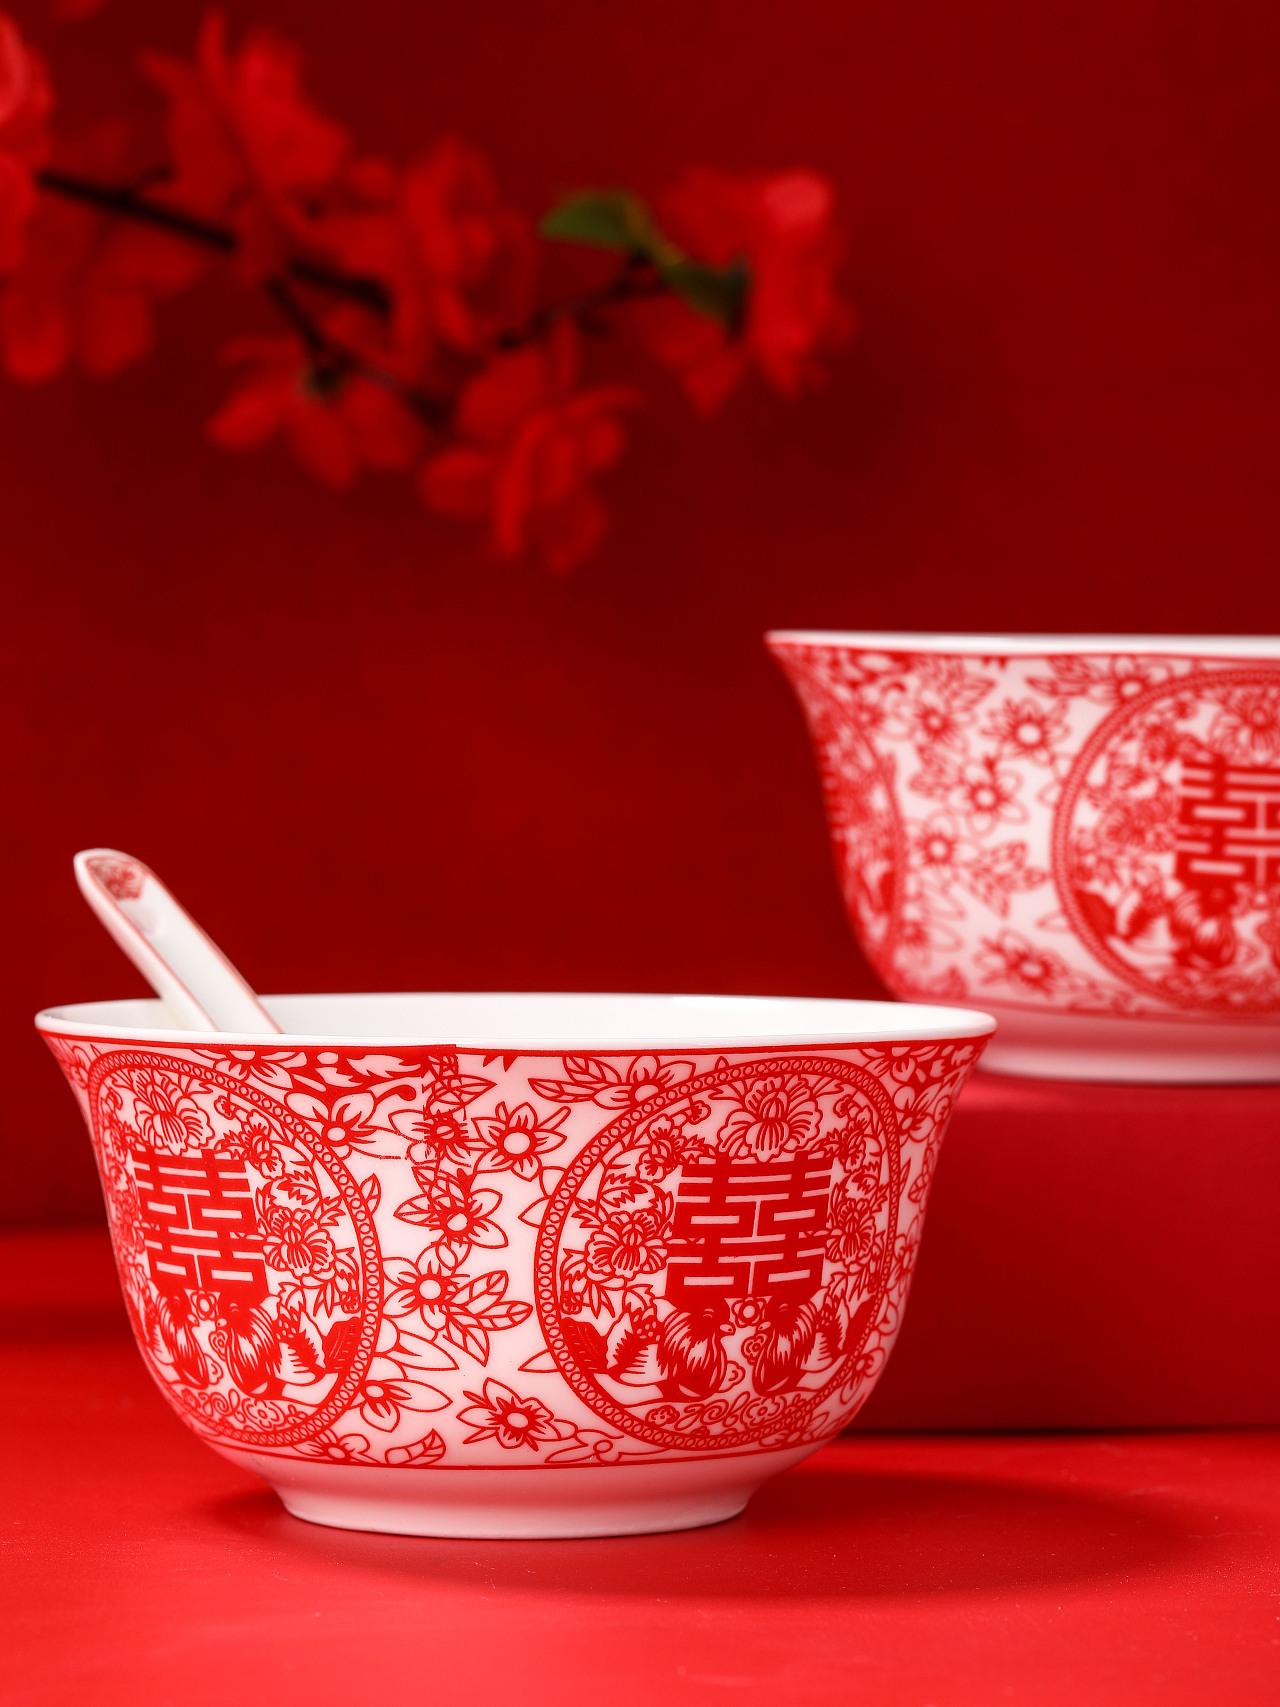 结婚买喜碗是什么意思 结婚后喜碗有什么用途